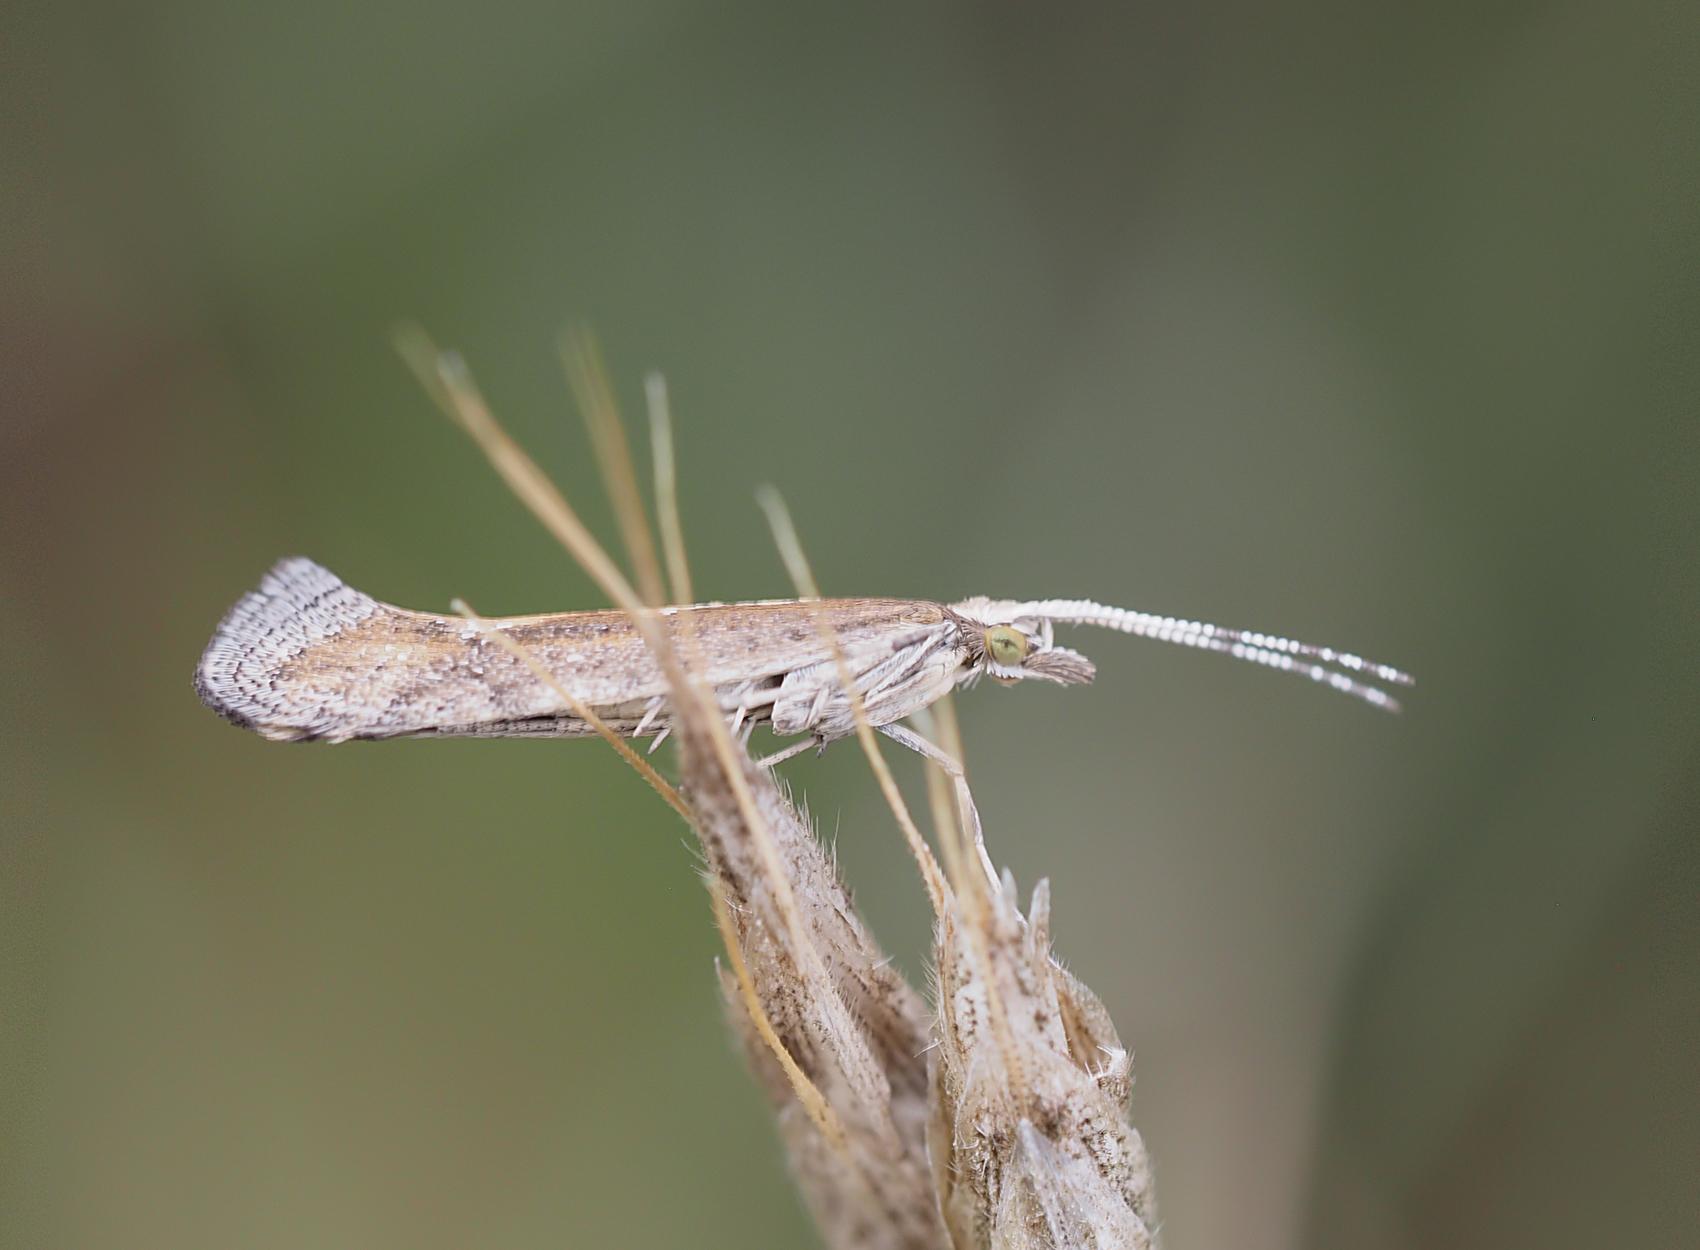 Kohlmotte (Plutella xylostella)